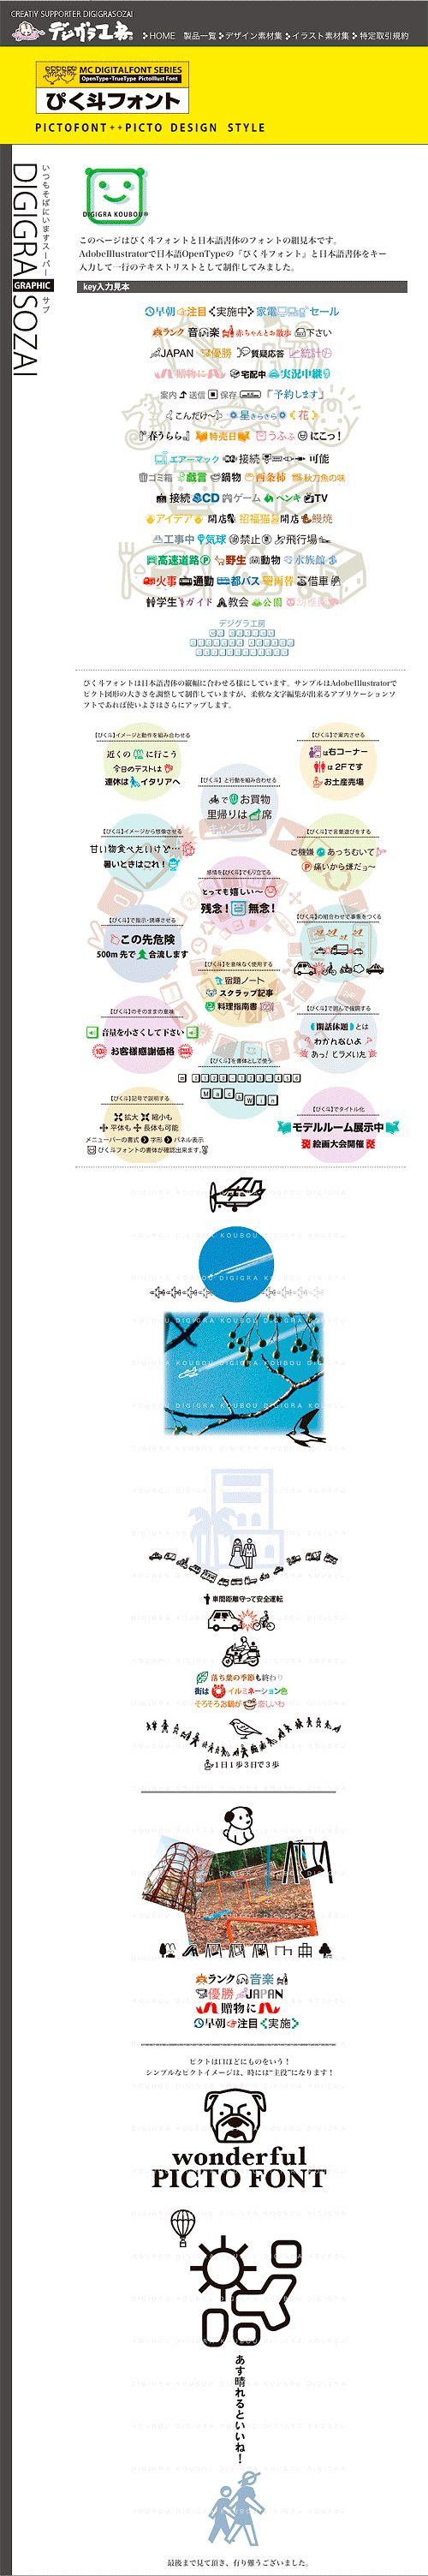 デジグラ工房・ピクトフォント製品紹介のWebページ-3:ピクトフォント(製品名:MC DIGITAL FONT・ぴく斗フォント):ピクト系のイラストをテキストとして入力出来る絵文字フォントです。 WebSite・http://e-digigra.com/EP_Webdata/PictoABC_html/PICTO_1p.html #design #pictogram #printing #dtp #opentype font #TrueType font #picto font #graphic #font #web site #web font #DIGIGRA PICTURE #デジグラ工房 #MC DIGITAL FONT